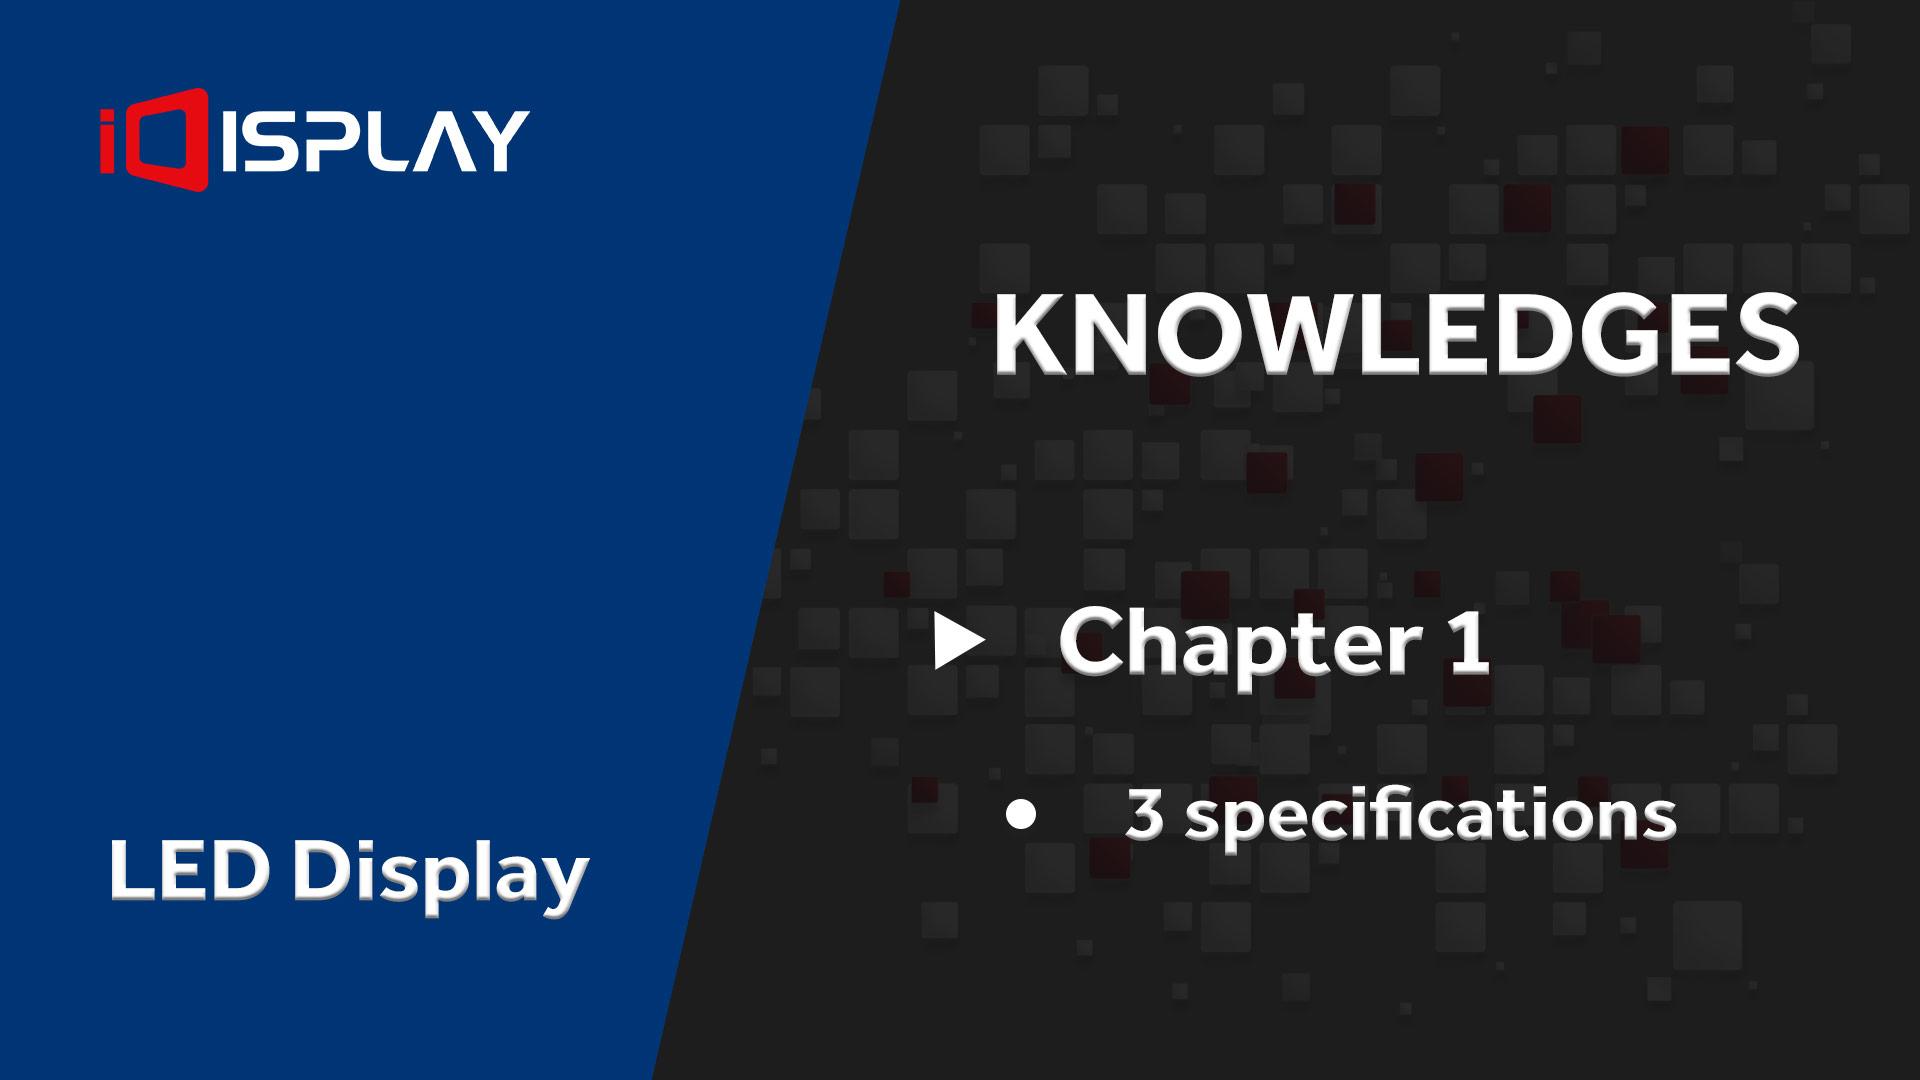 عرض المعرفة الأساسية LED - تصنيع غير مألوف